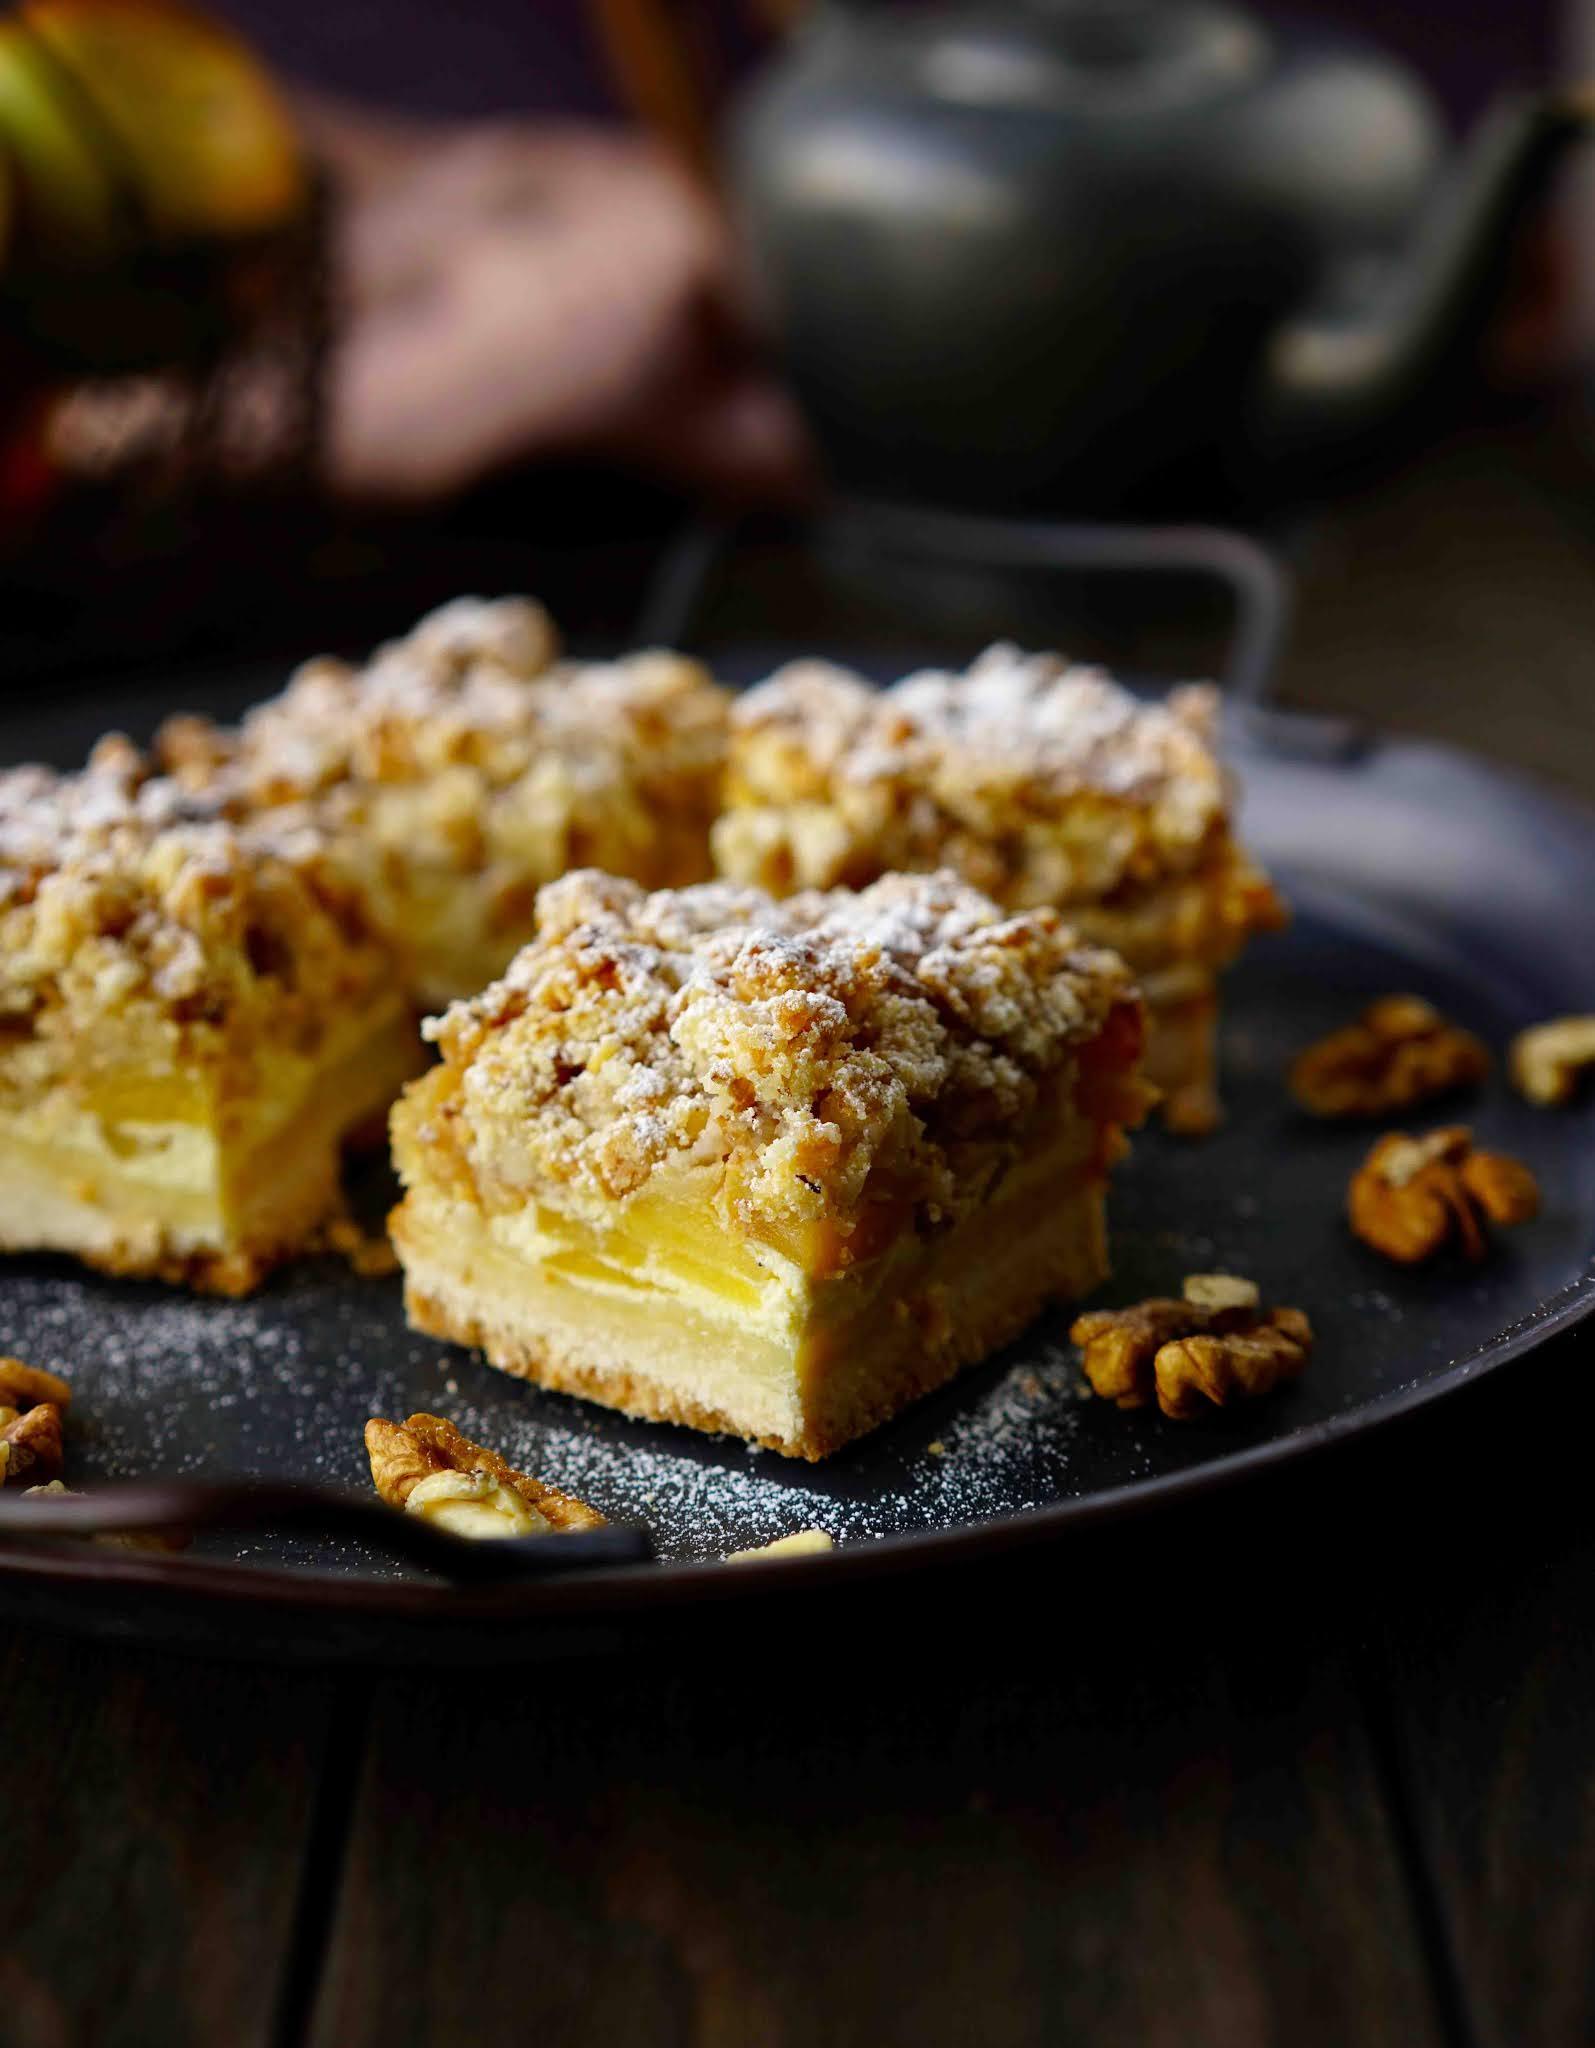 carrés , dessert facile , dessert rapide à faire , dessert aux pommes